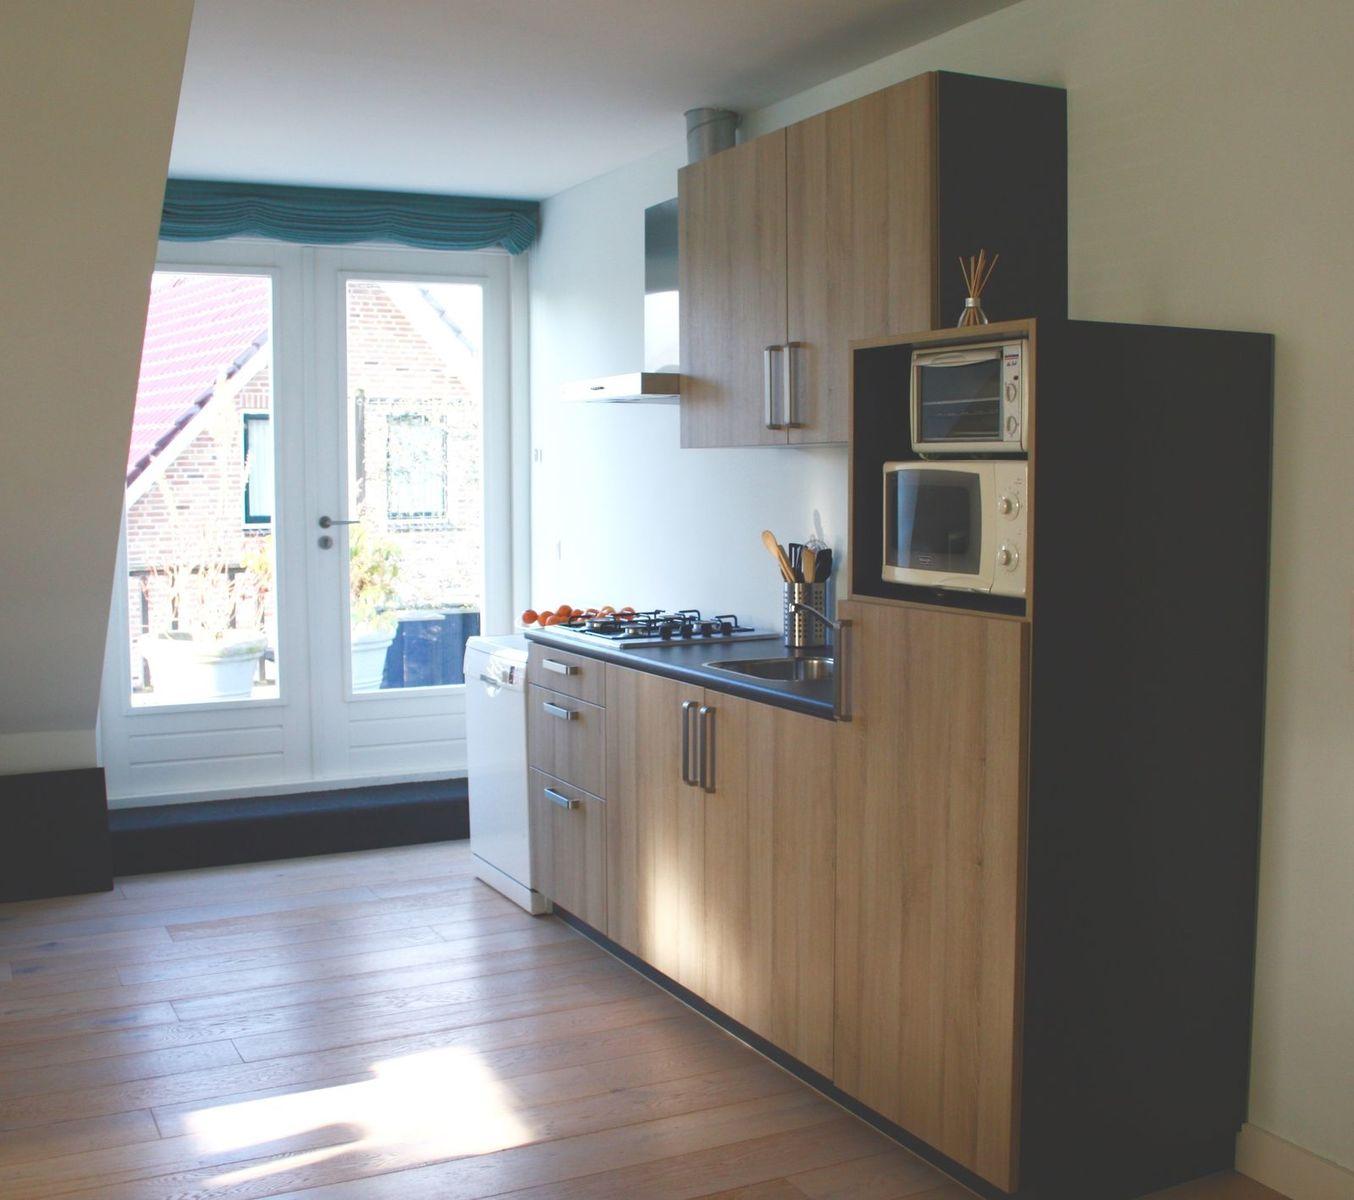 Appartement Hofdijksweg (6 personen) - Ouddorp